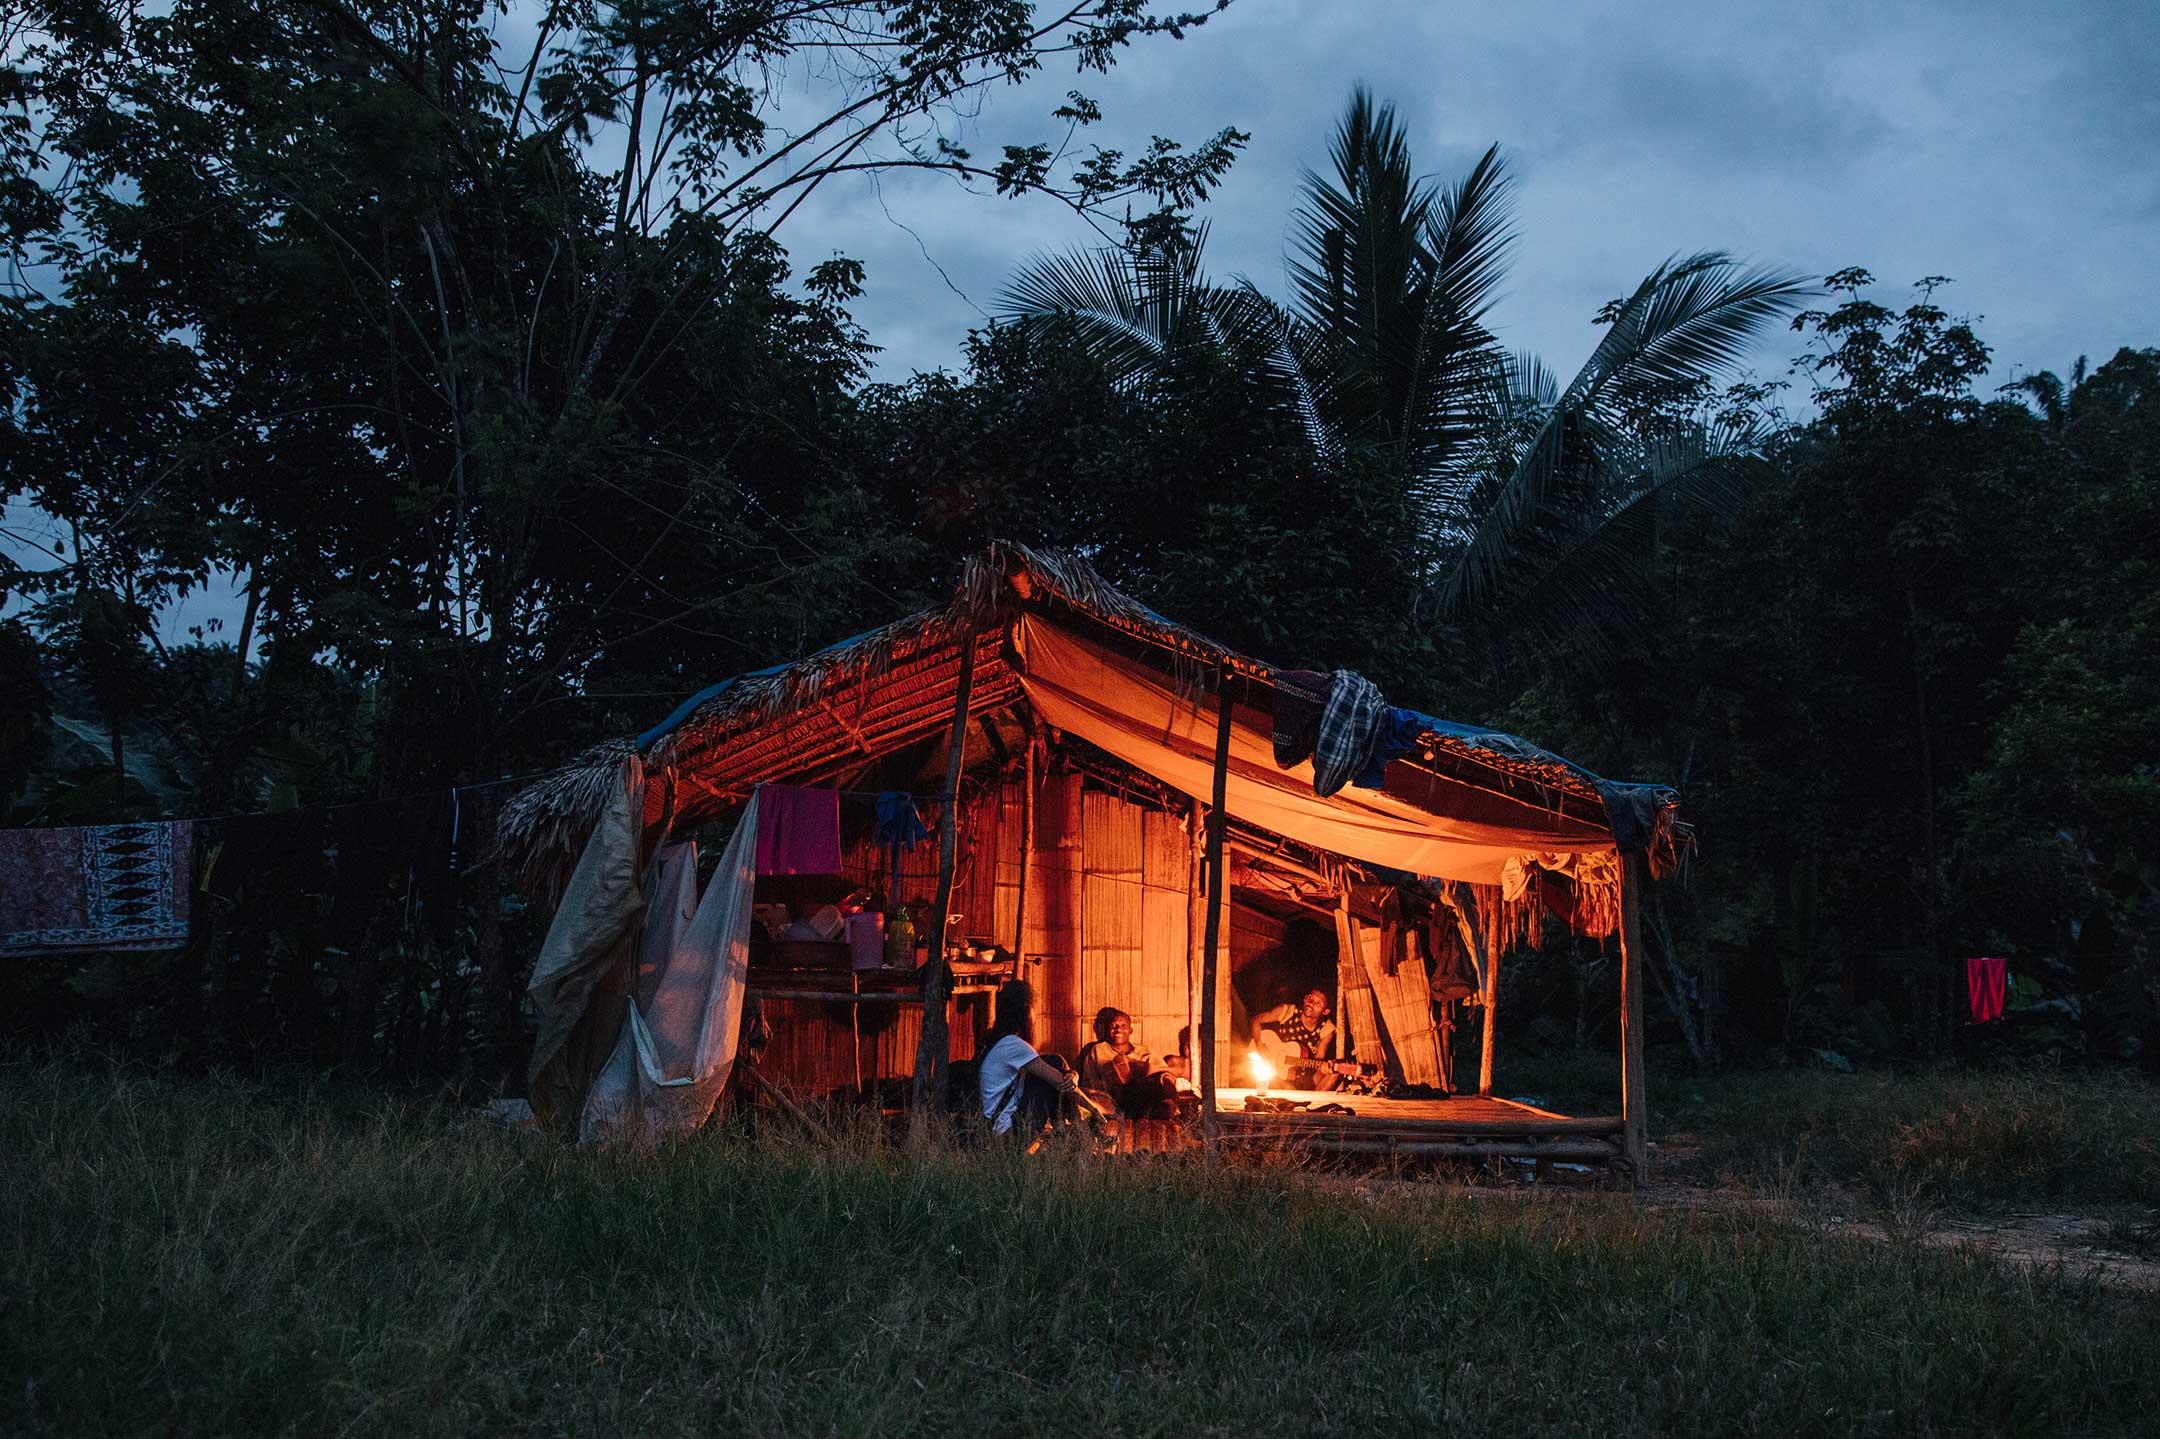 沒有電的夜晚,村長伯粿家用鋁罐點起小火照明。